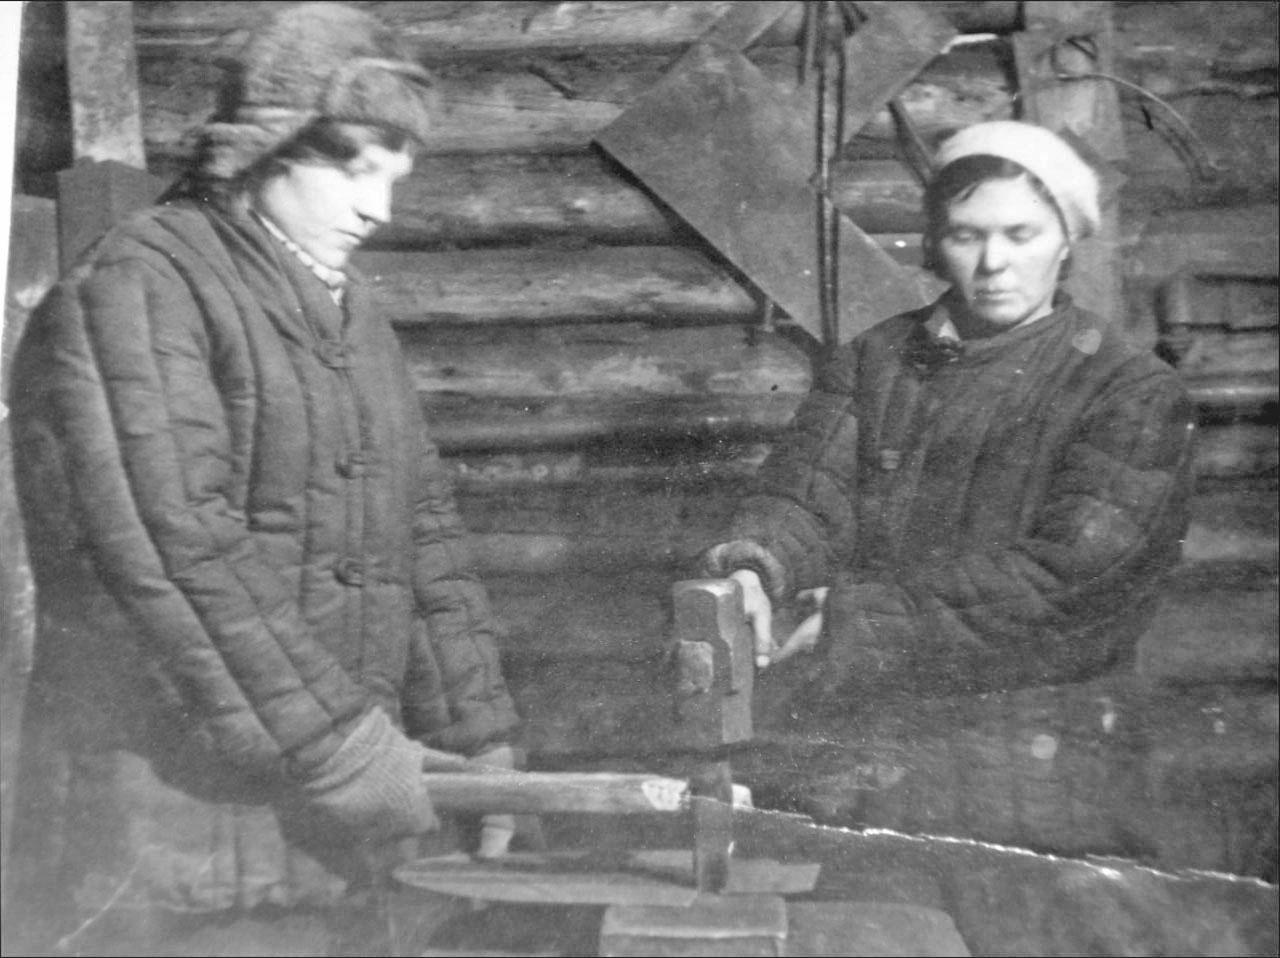 40 тысяч заготовок для лопат заключенным. Слева - моя мать. 1941-1942 годы. Фото предоставлено Геннадием Капленковым.